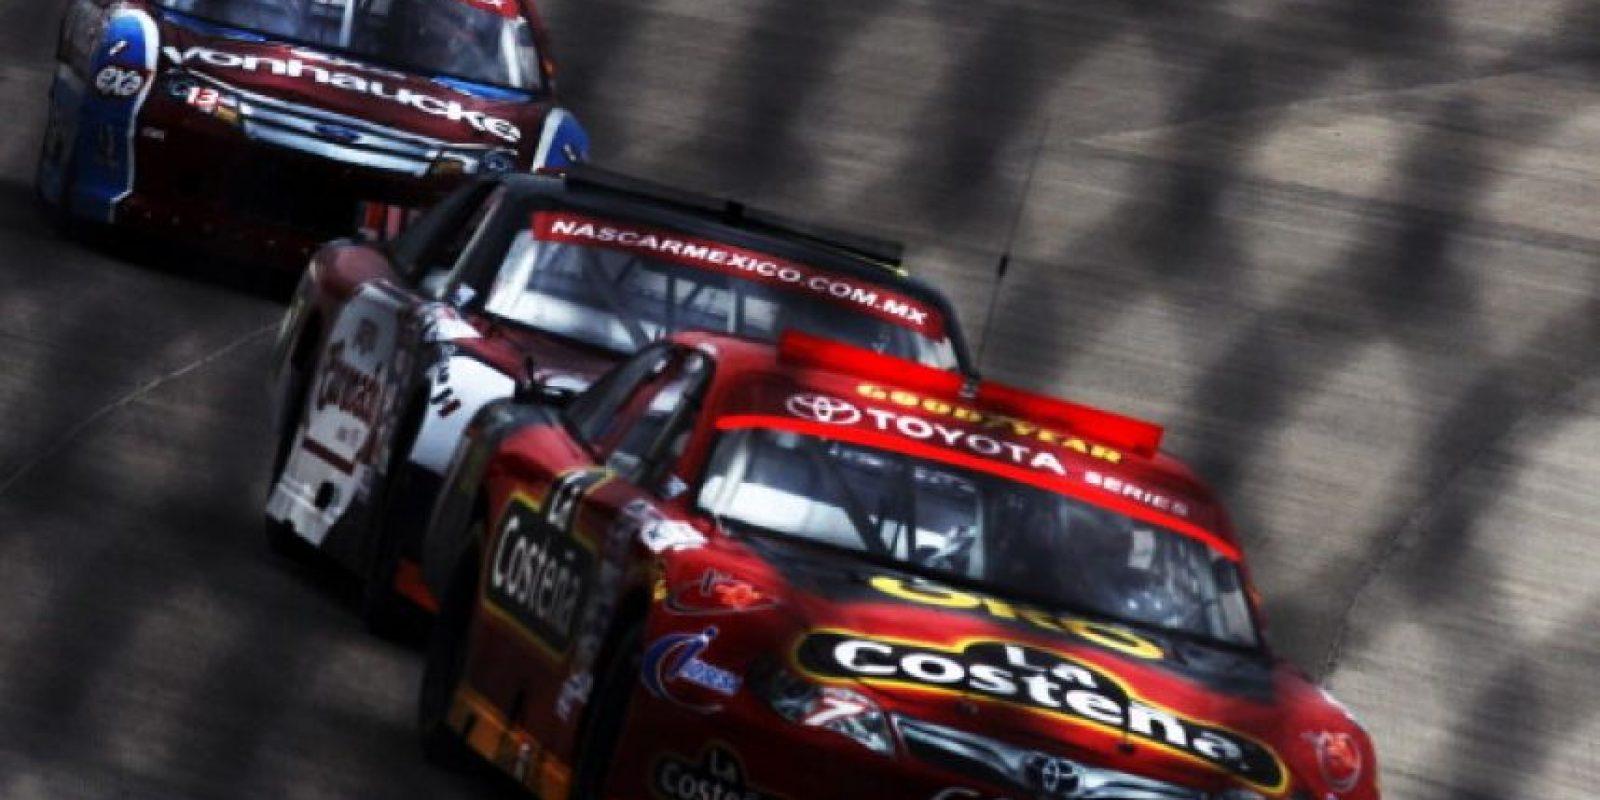 En 2009, durante la NASCAR Series México, el piloto mexicano Carlos Pardo murió luego de sufrir un accidente durante una carrera en la ciudad de Puebla. Pardo luchaba con Jorge Goeters por el liderado de la prueba, pero en el giro 97, tras un contacto entre ambos vehículos, el coche de Pardo salió disparado y se estrelló contra el muro de contención a más de 200 kilómetros por hora. Foto:Getty Images